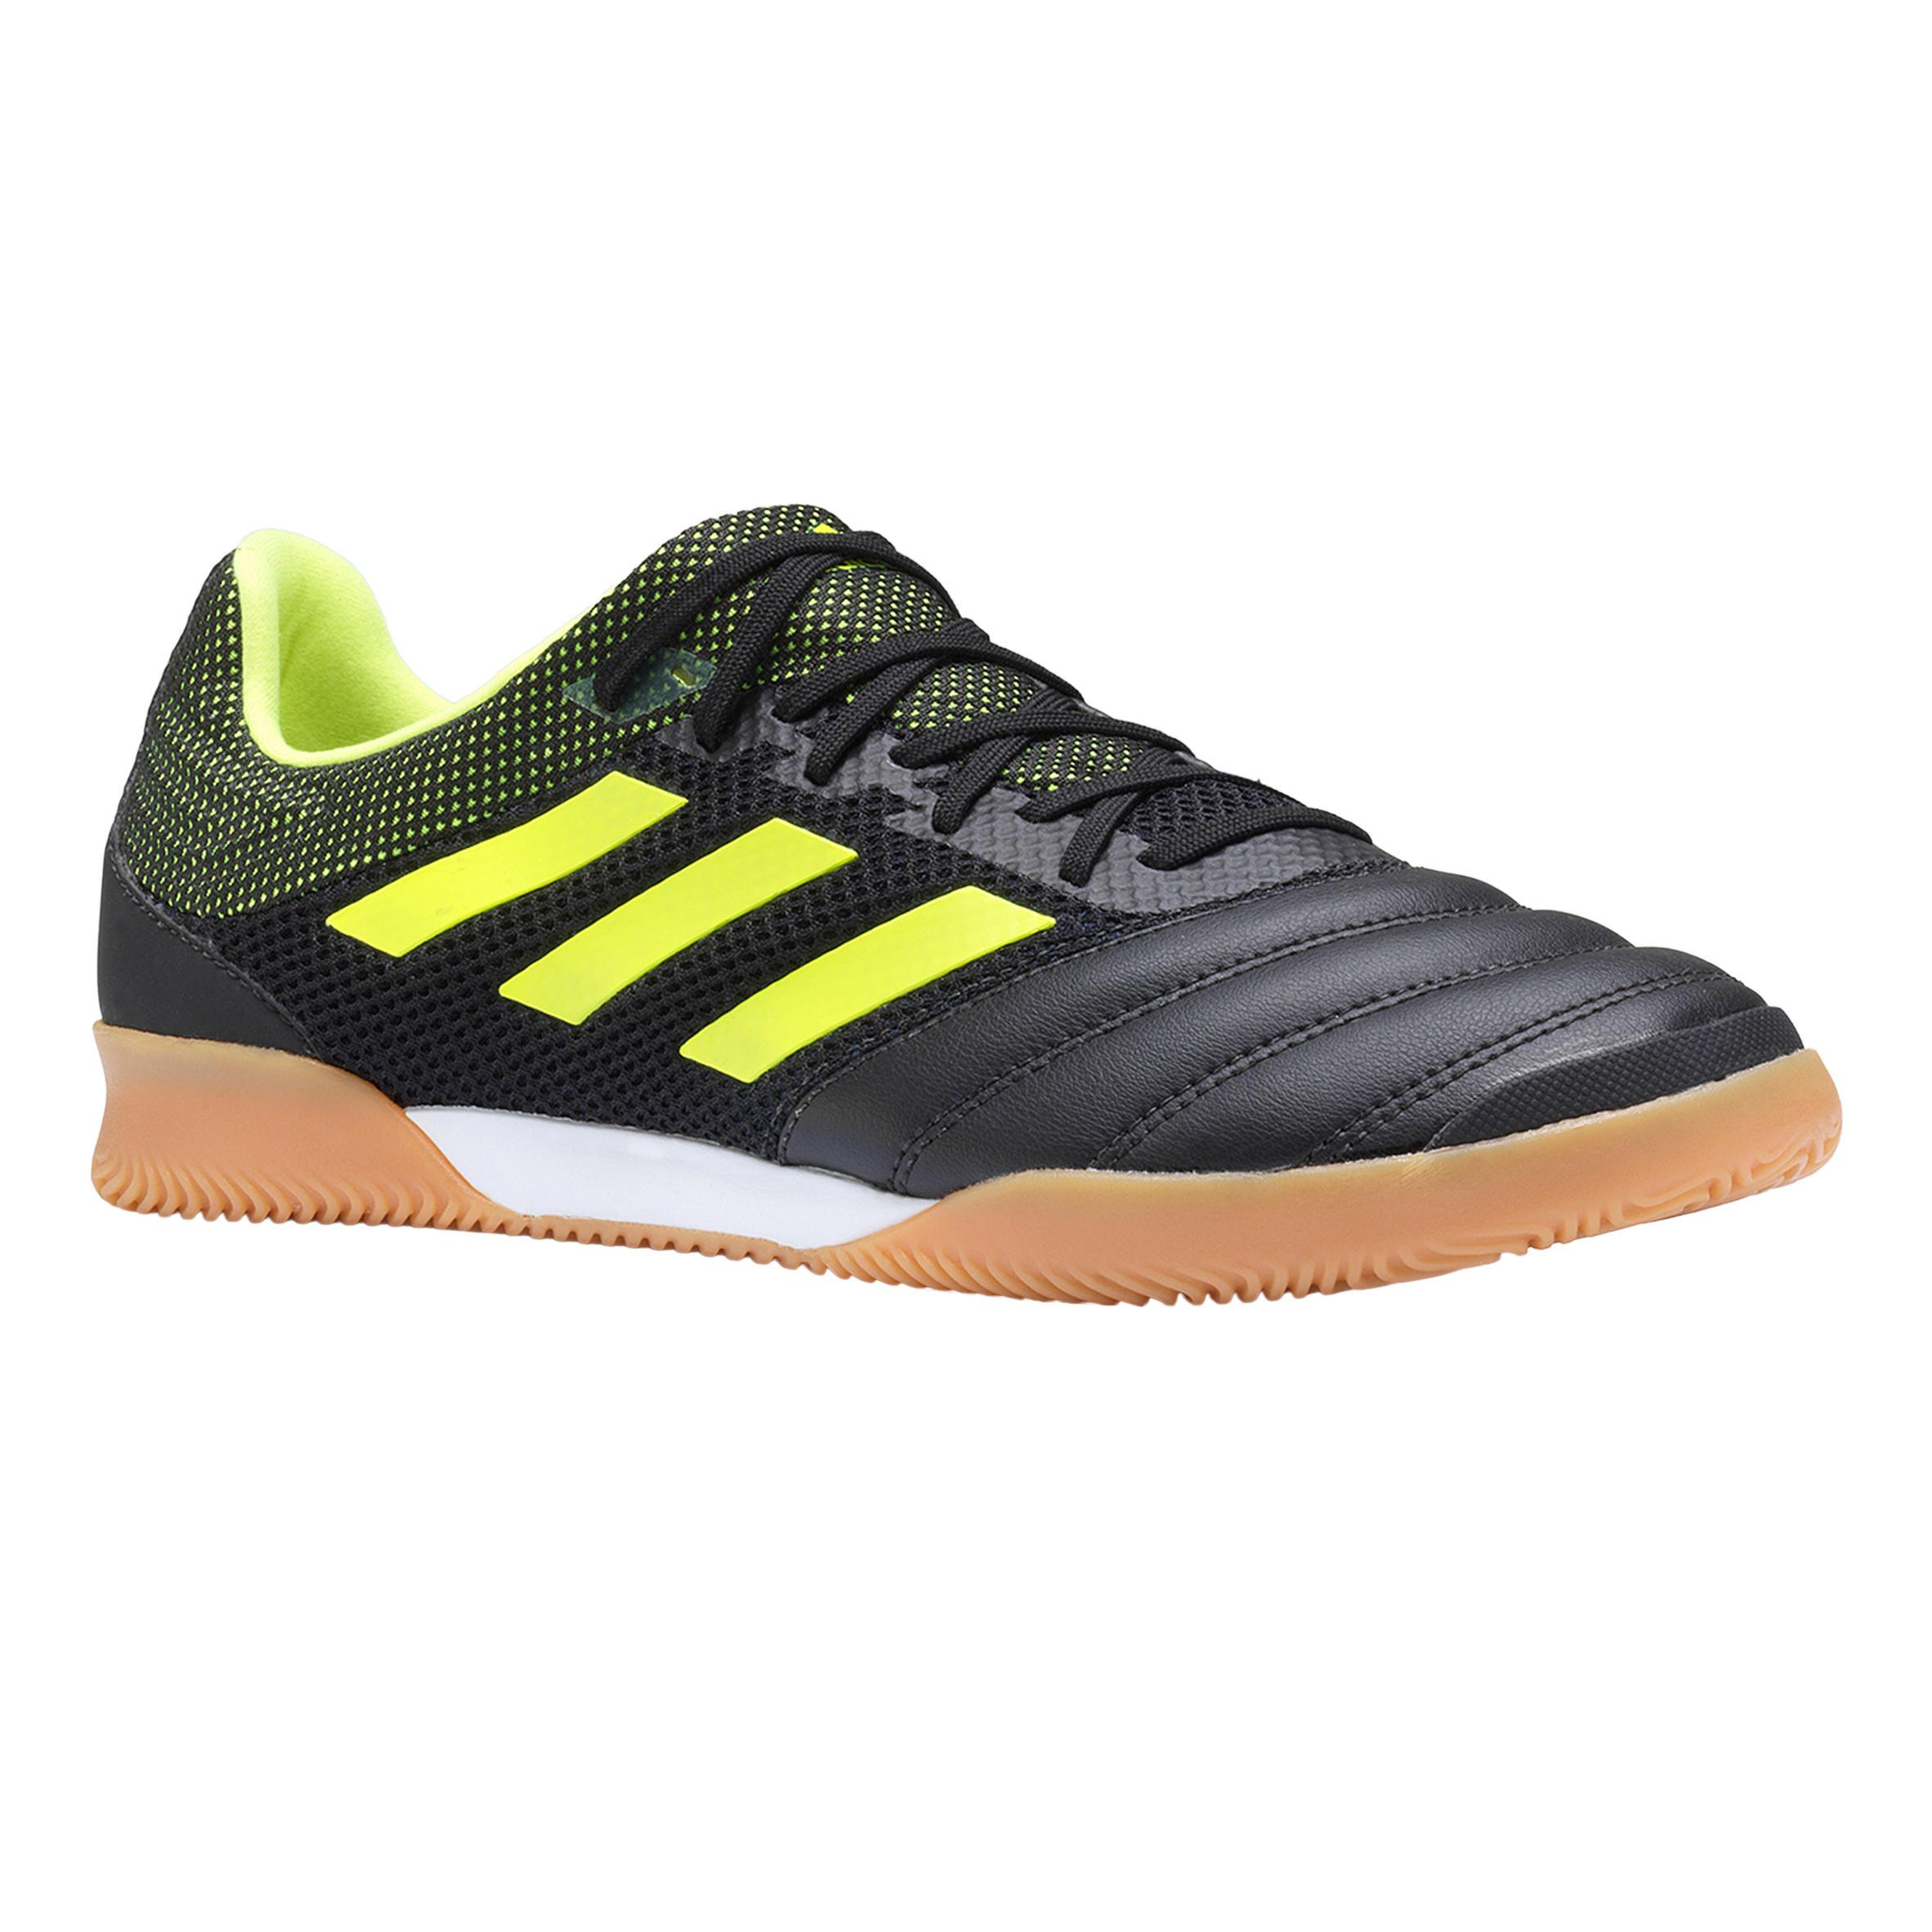 Adidas Zaalvoetbalschoenen COPA 19.3 zwart/geel